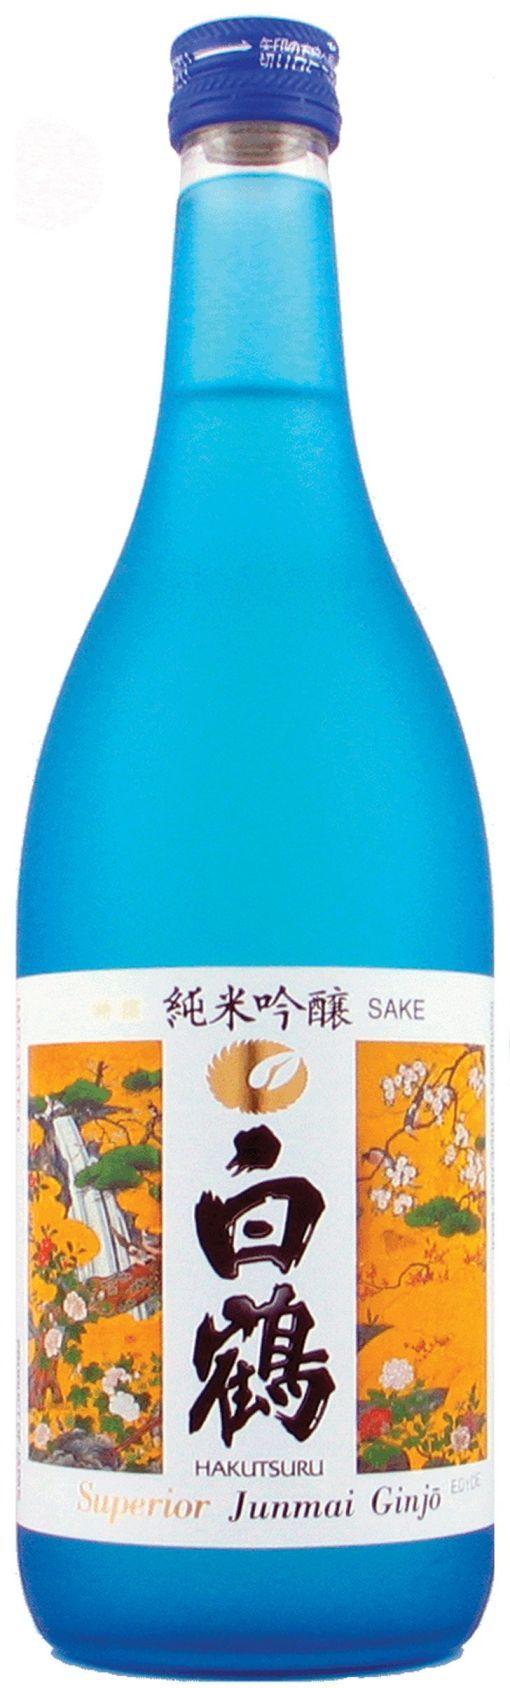 Ginjo - saquê Premium / HAKUTSURU (uma das marcas mais famosas, fundada em 1743) /// Ginjo-shu (吟醸酒), con la extracción de un porcentaje de arroz pulido entre el 30 y el 50 por ciento. Junmai ginjo-shu está hecho sin agregado de alcohol.